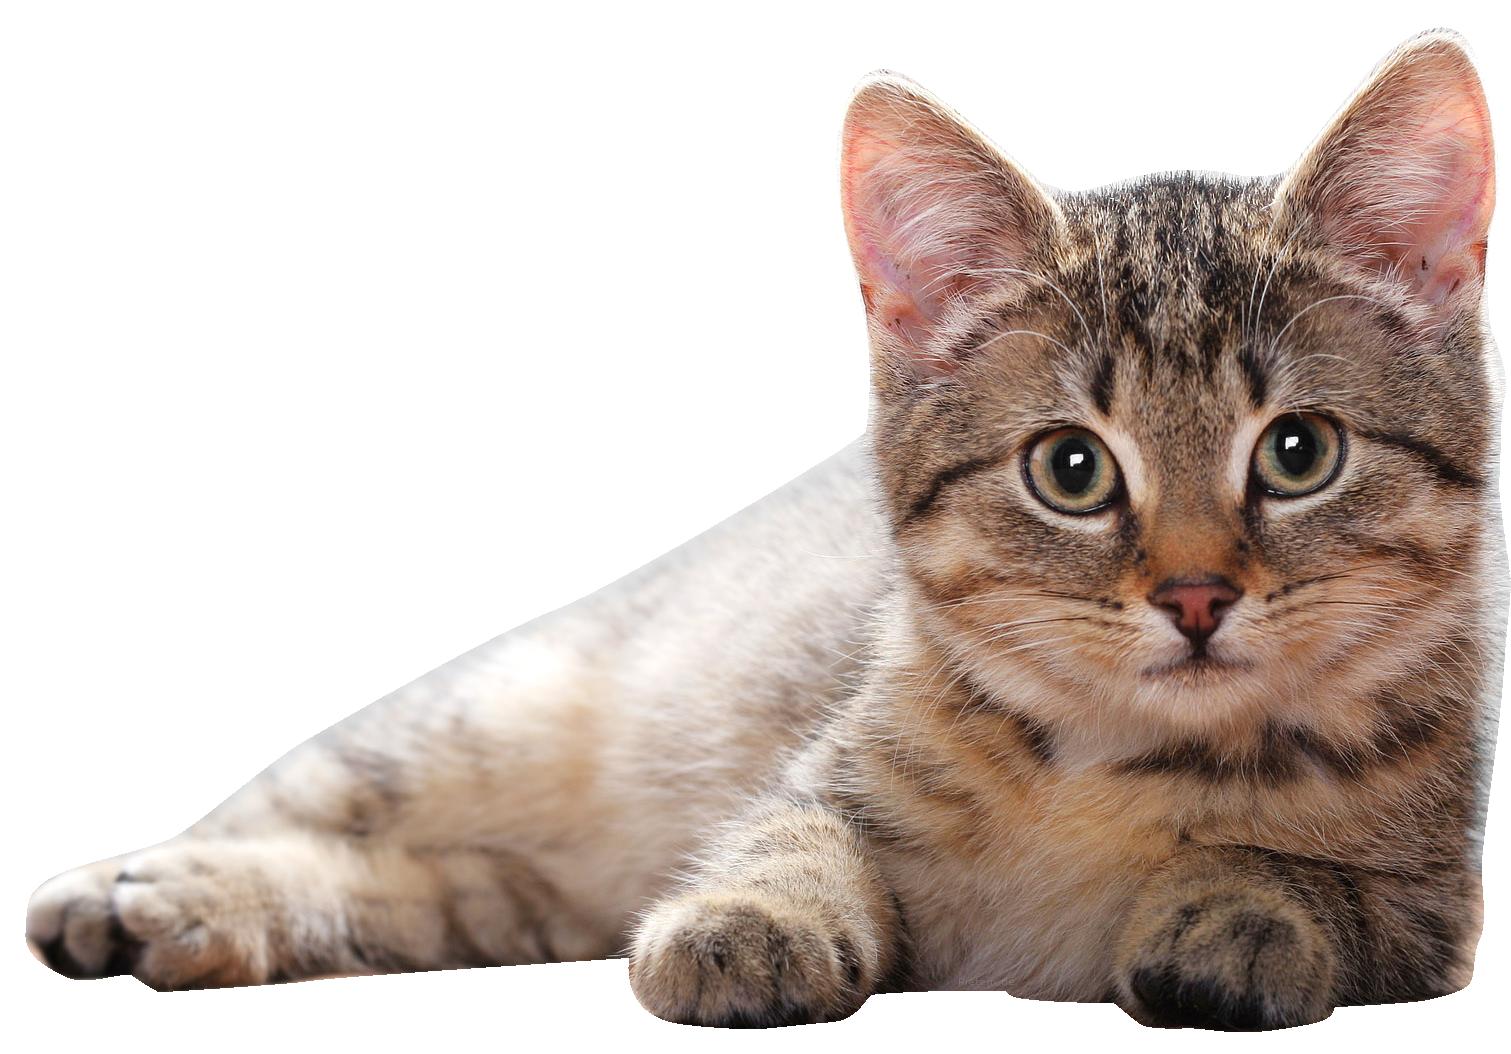 Cat Png Free Cat Png Transparent Images 24 Pngio In 2020 Cat Pics Cats Cat Wallpaper